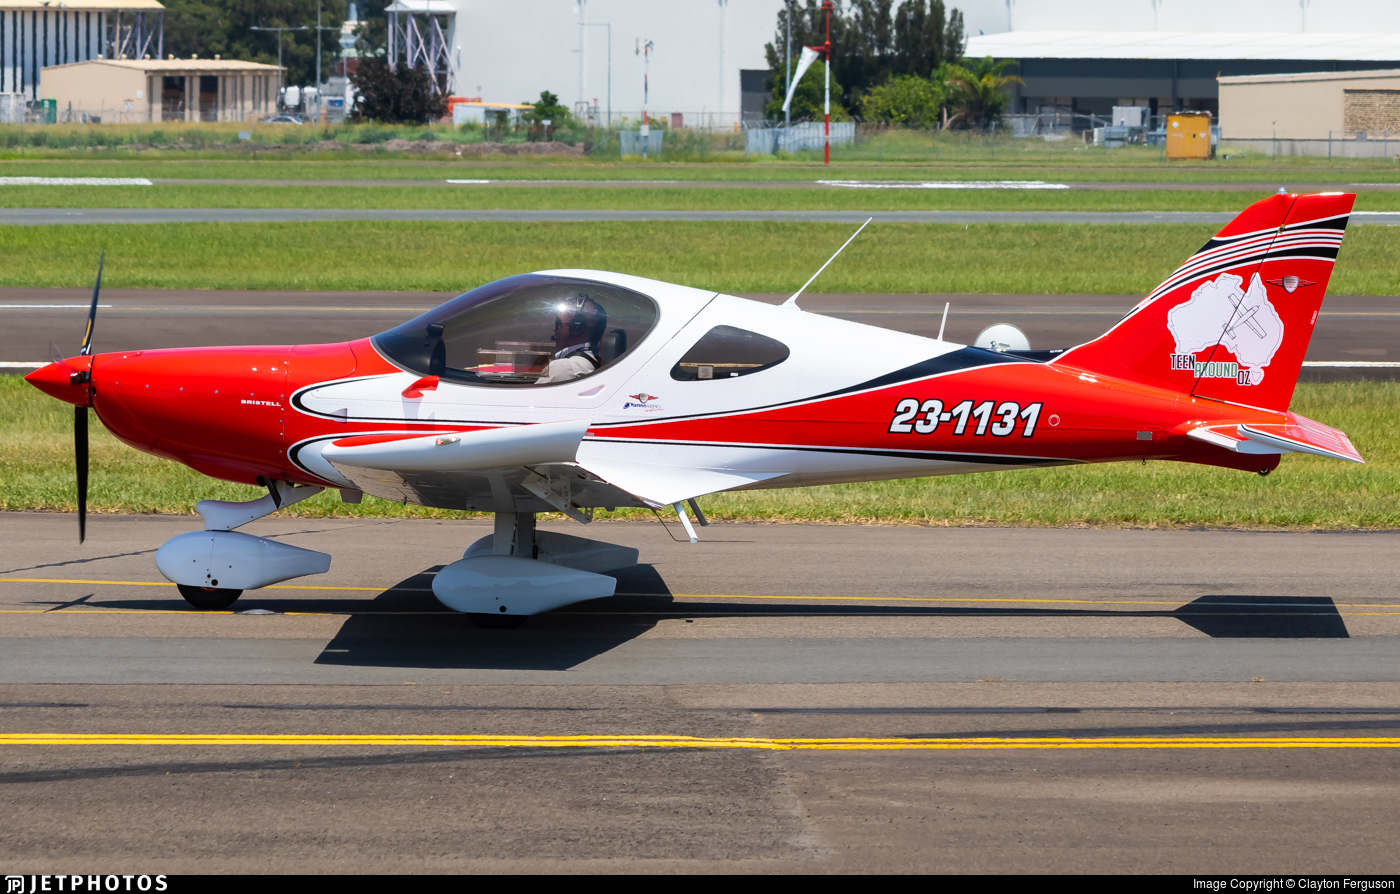 23-1131 - BRM Aero Bristell - Private